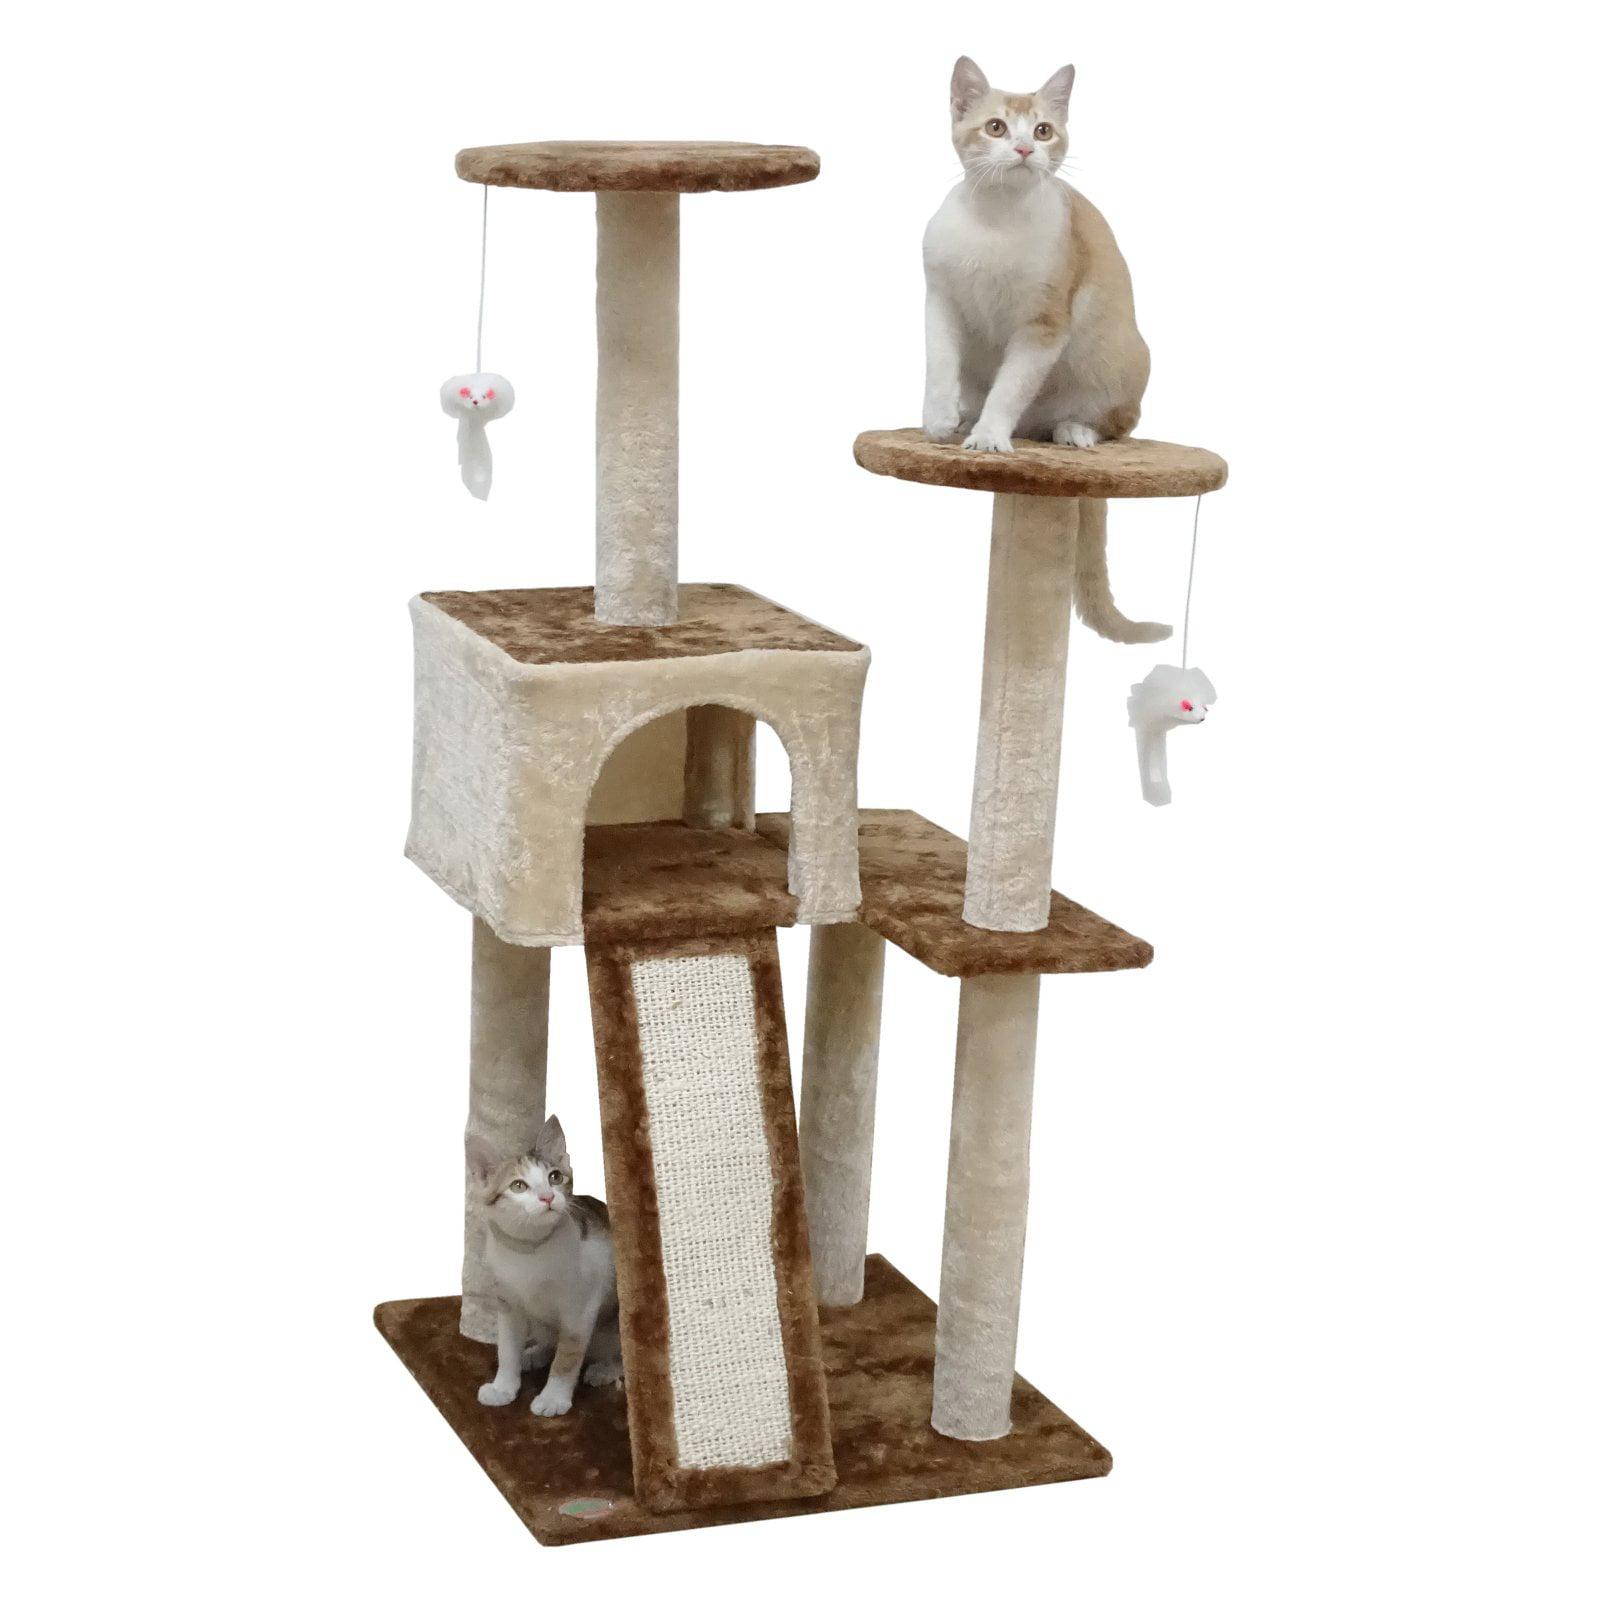 Go Pet Club 44 in. Cat Tree Condo